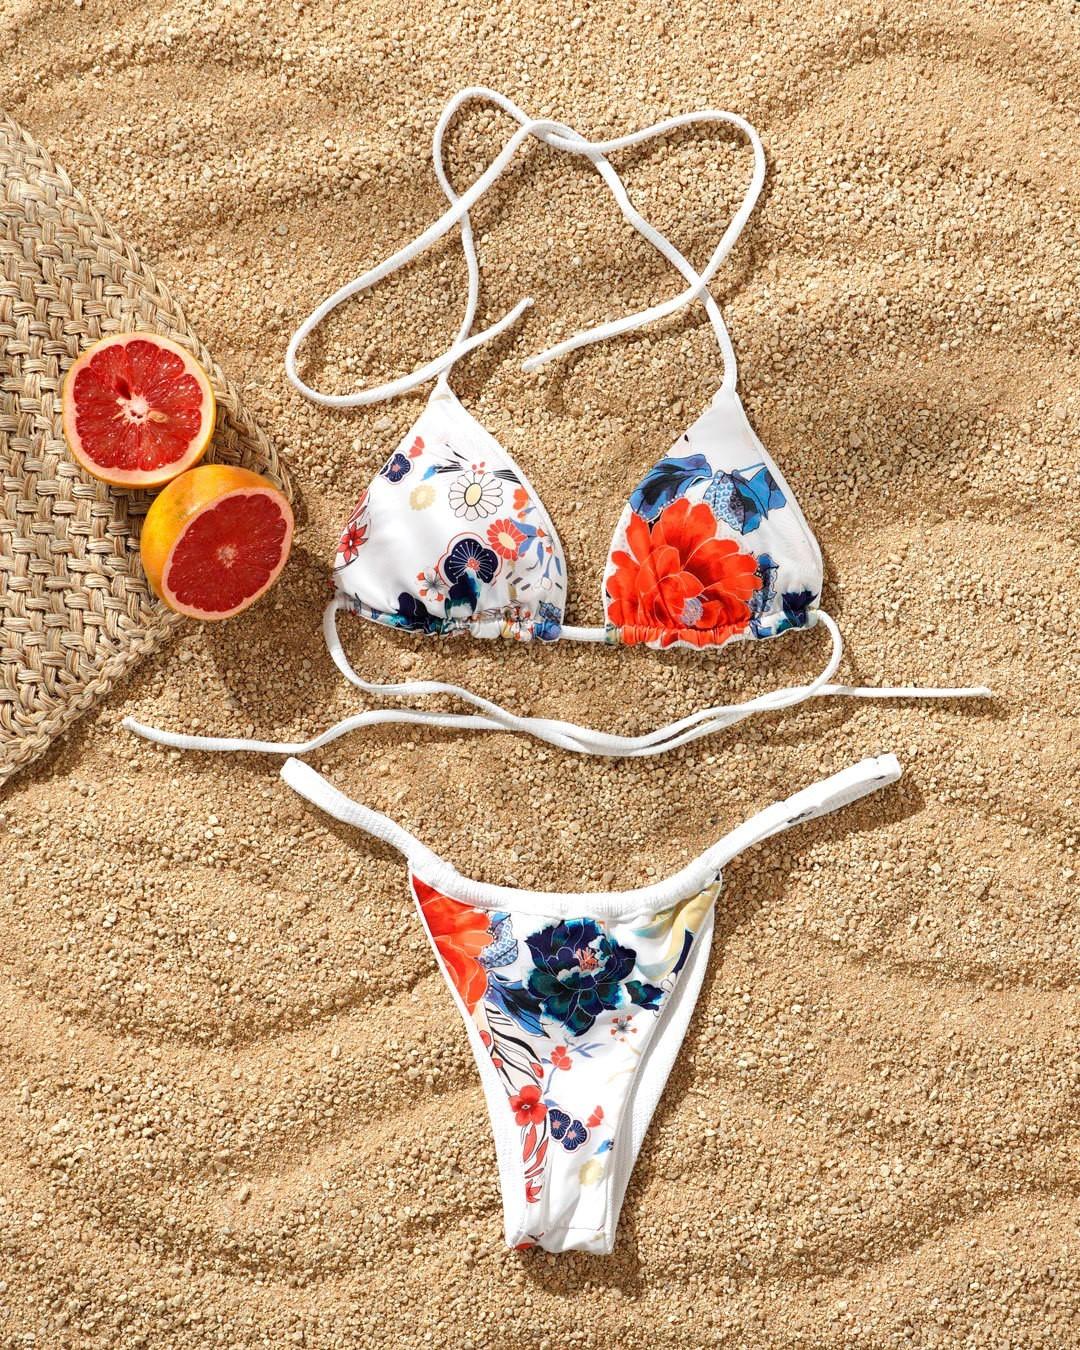 泳衣 比堅尼泳衣顯瘦4大挑選貼士   夏天必備Bikini/連身泳衣品牌推介 M